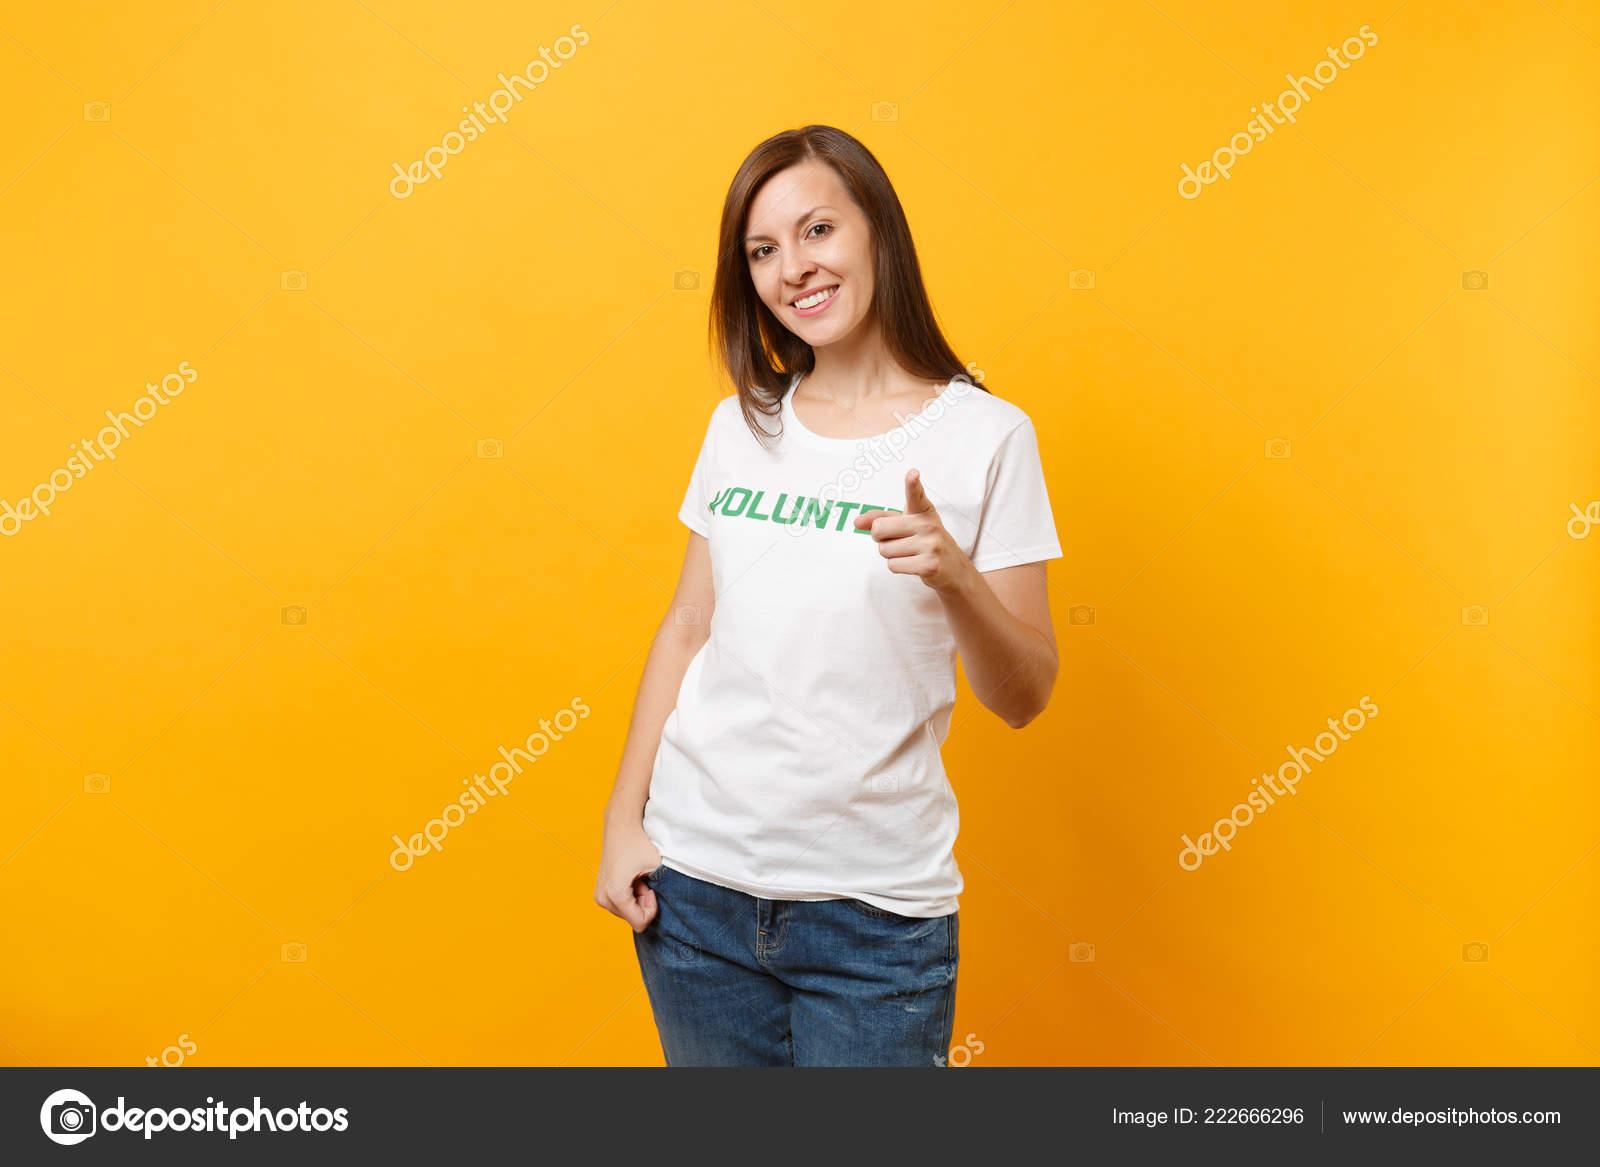 c53aca069db6 Retrato Feliz Sonriendo Satisfecha Mujer Camiseta Blanca Con Título ...